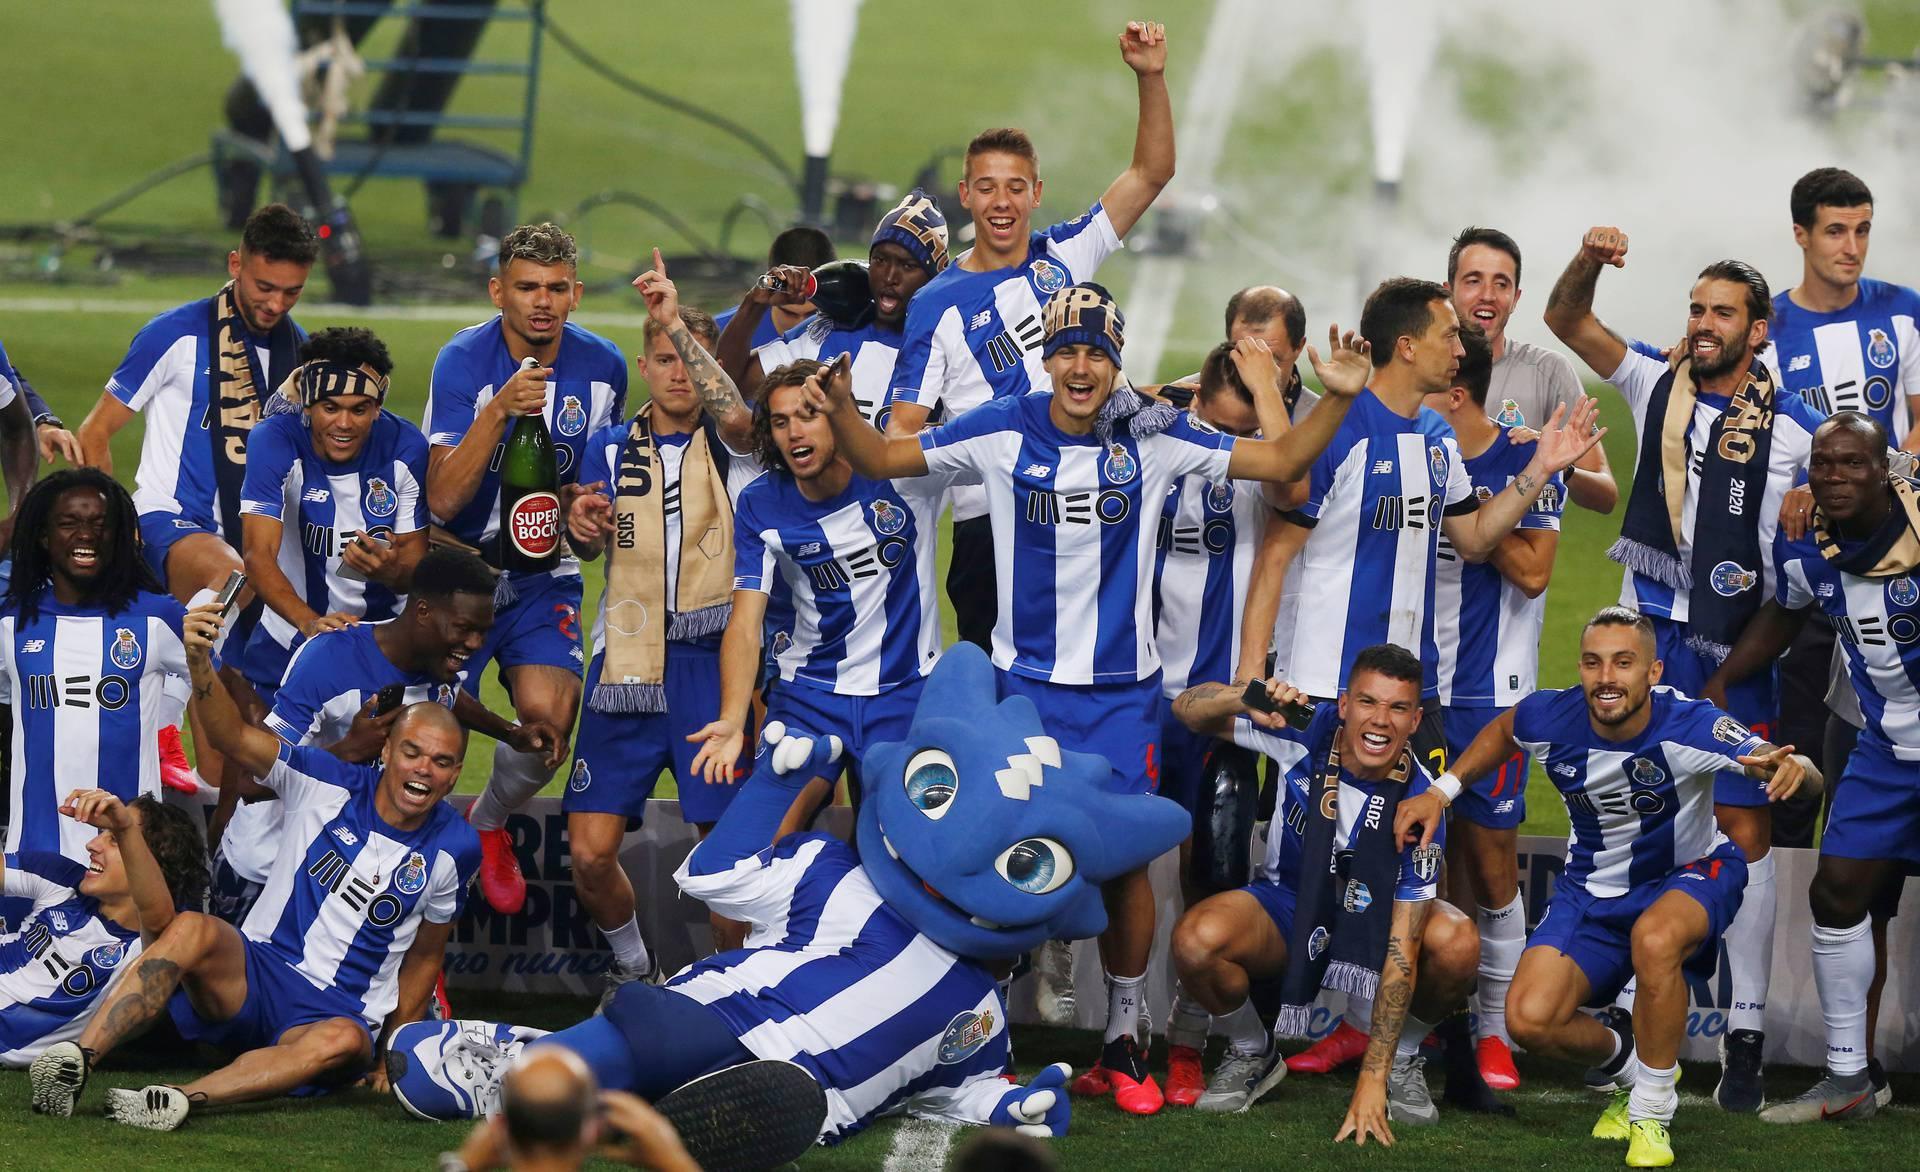 Primeira Liga - FC Porto v Sporting CP